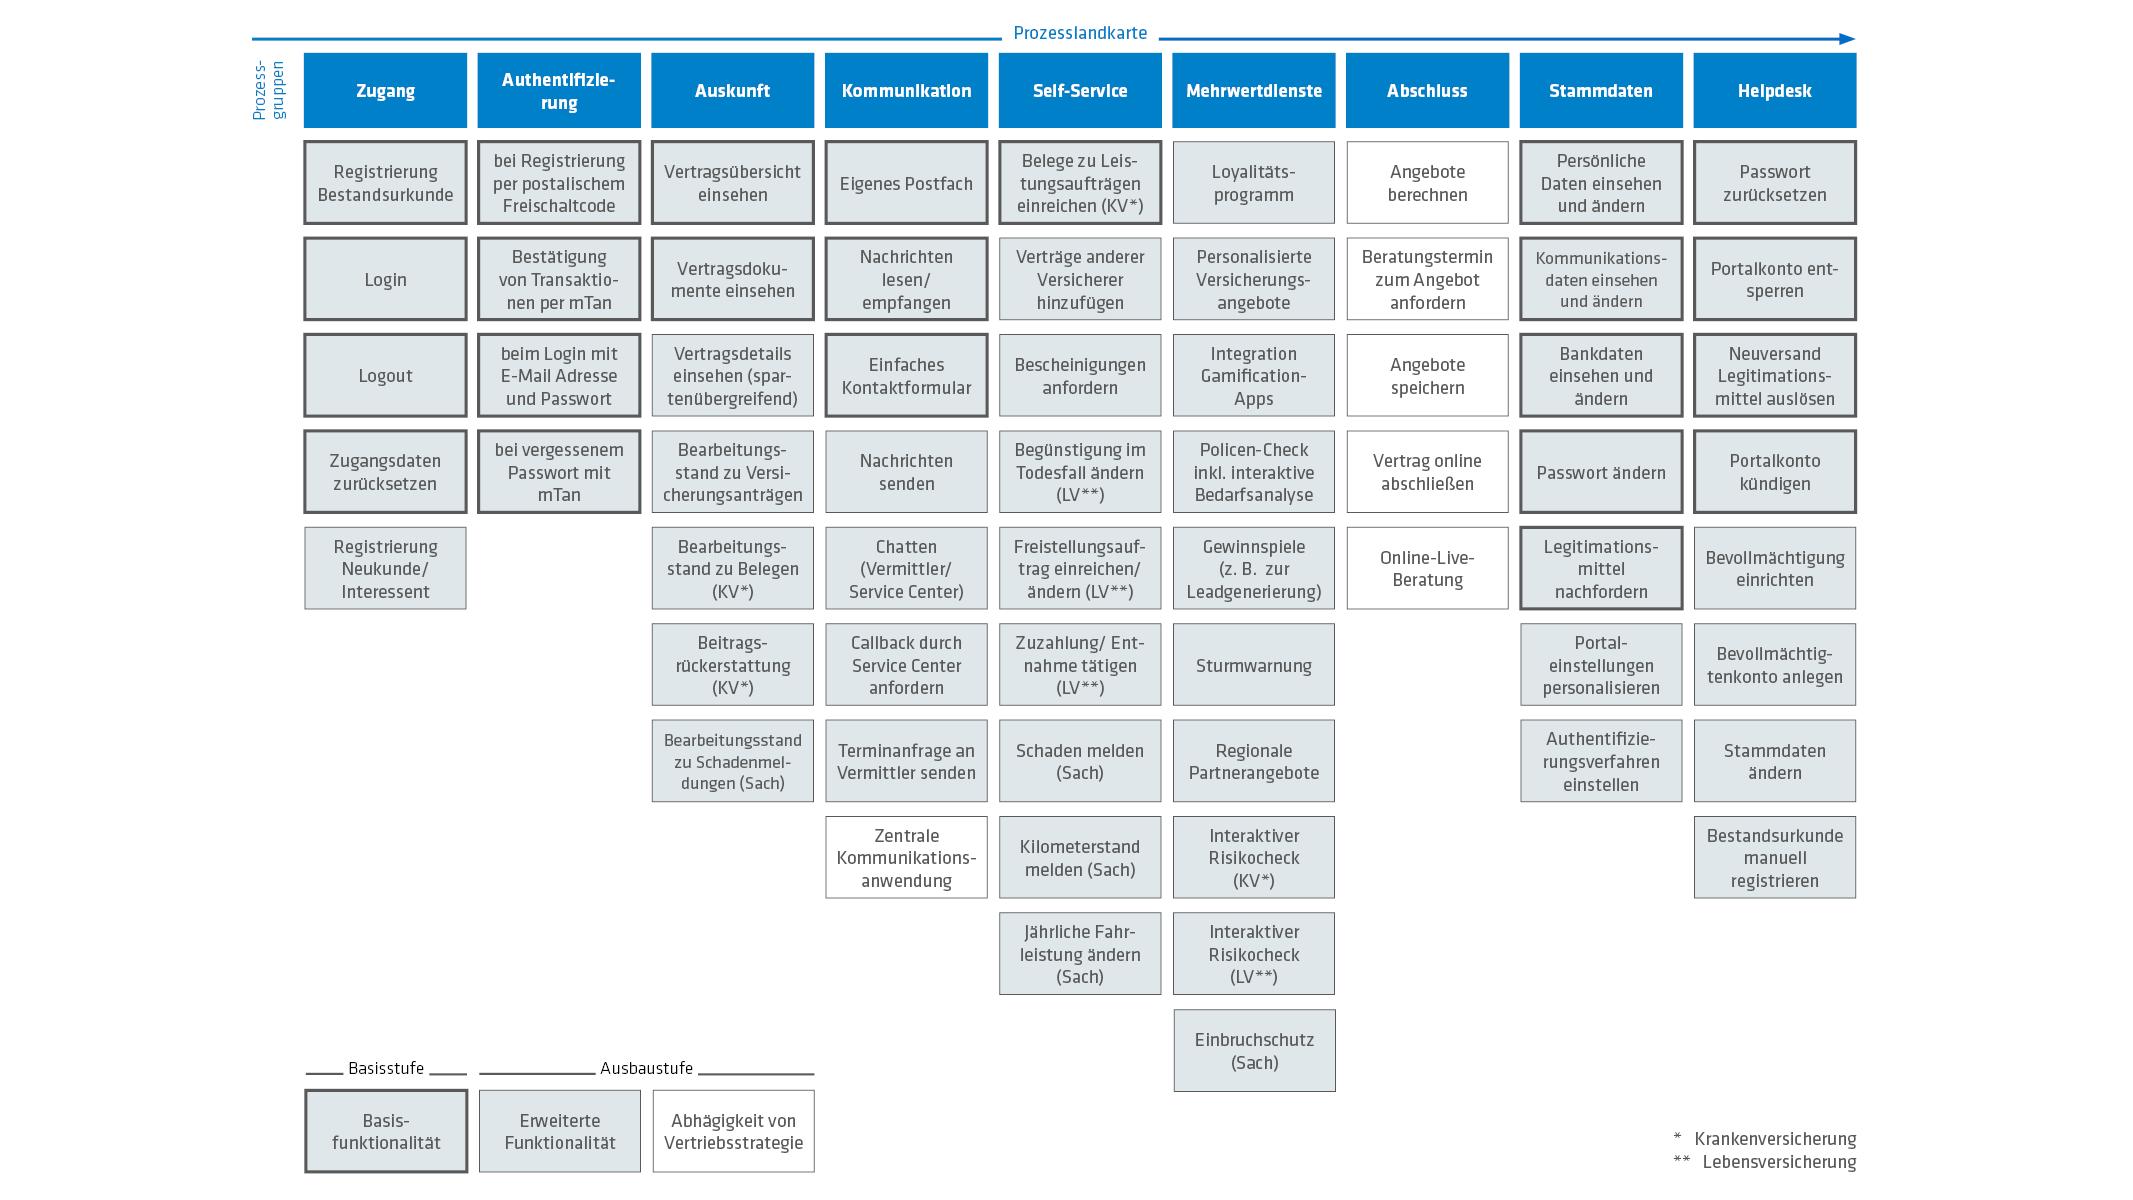 Digitale Versicherung Prozesslandkarte